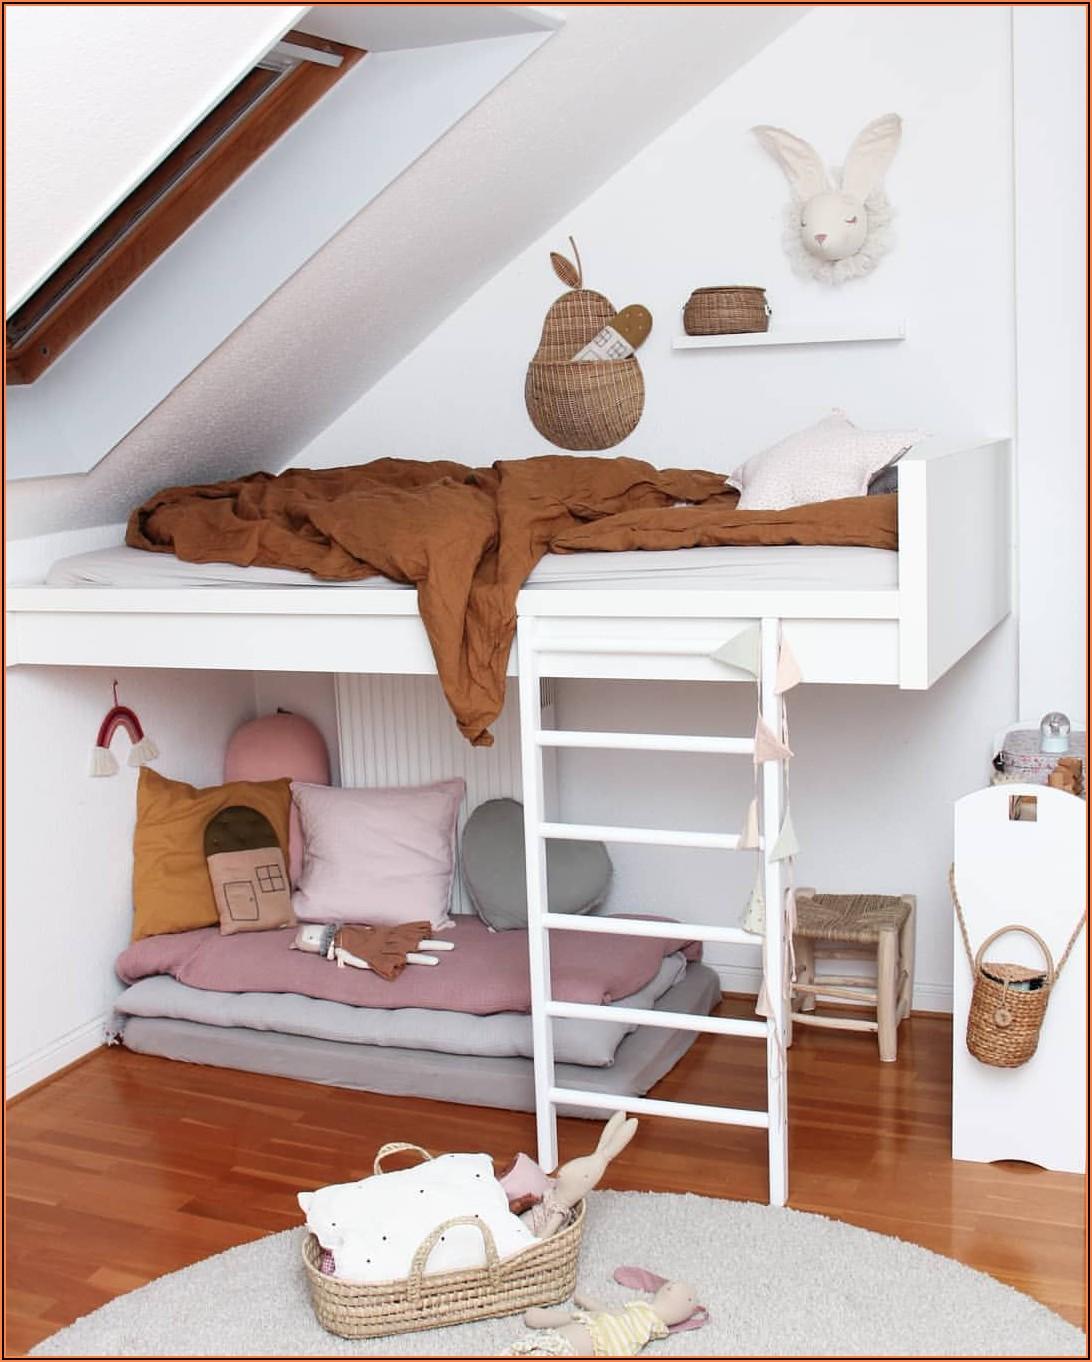 Kinderzimmer Wo Steht Das Bett